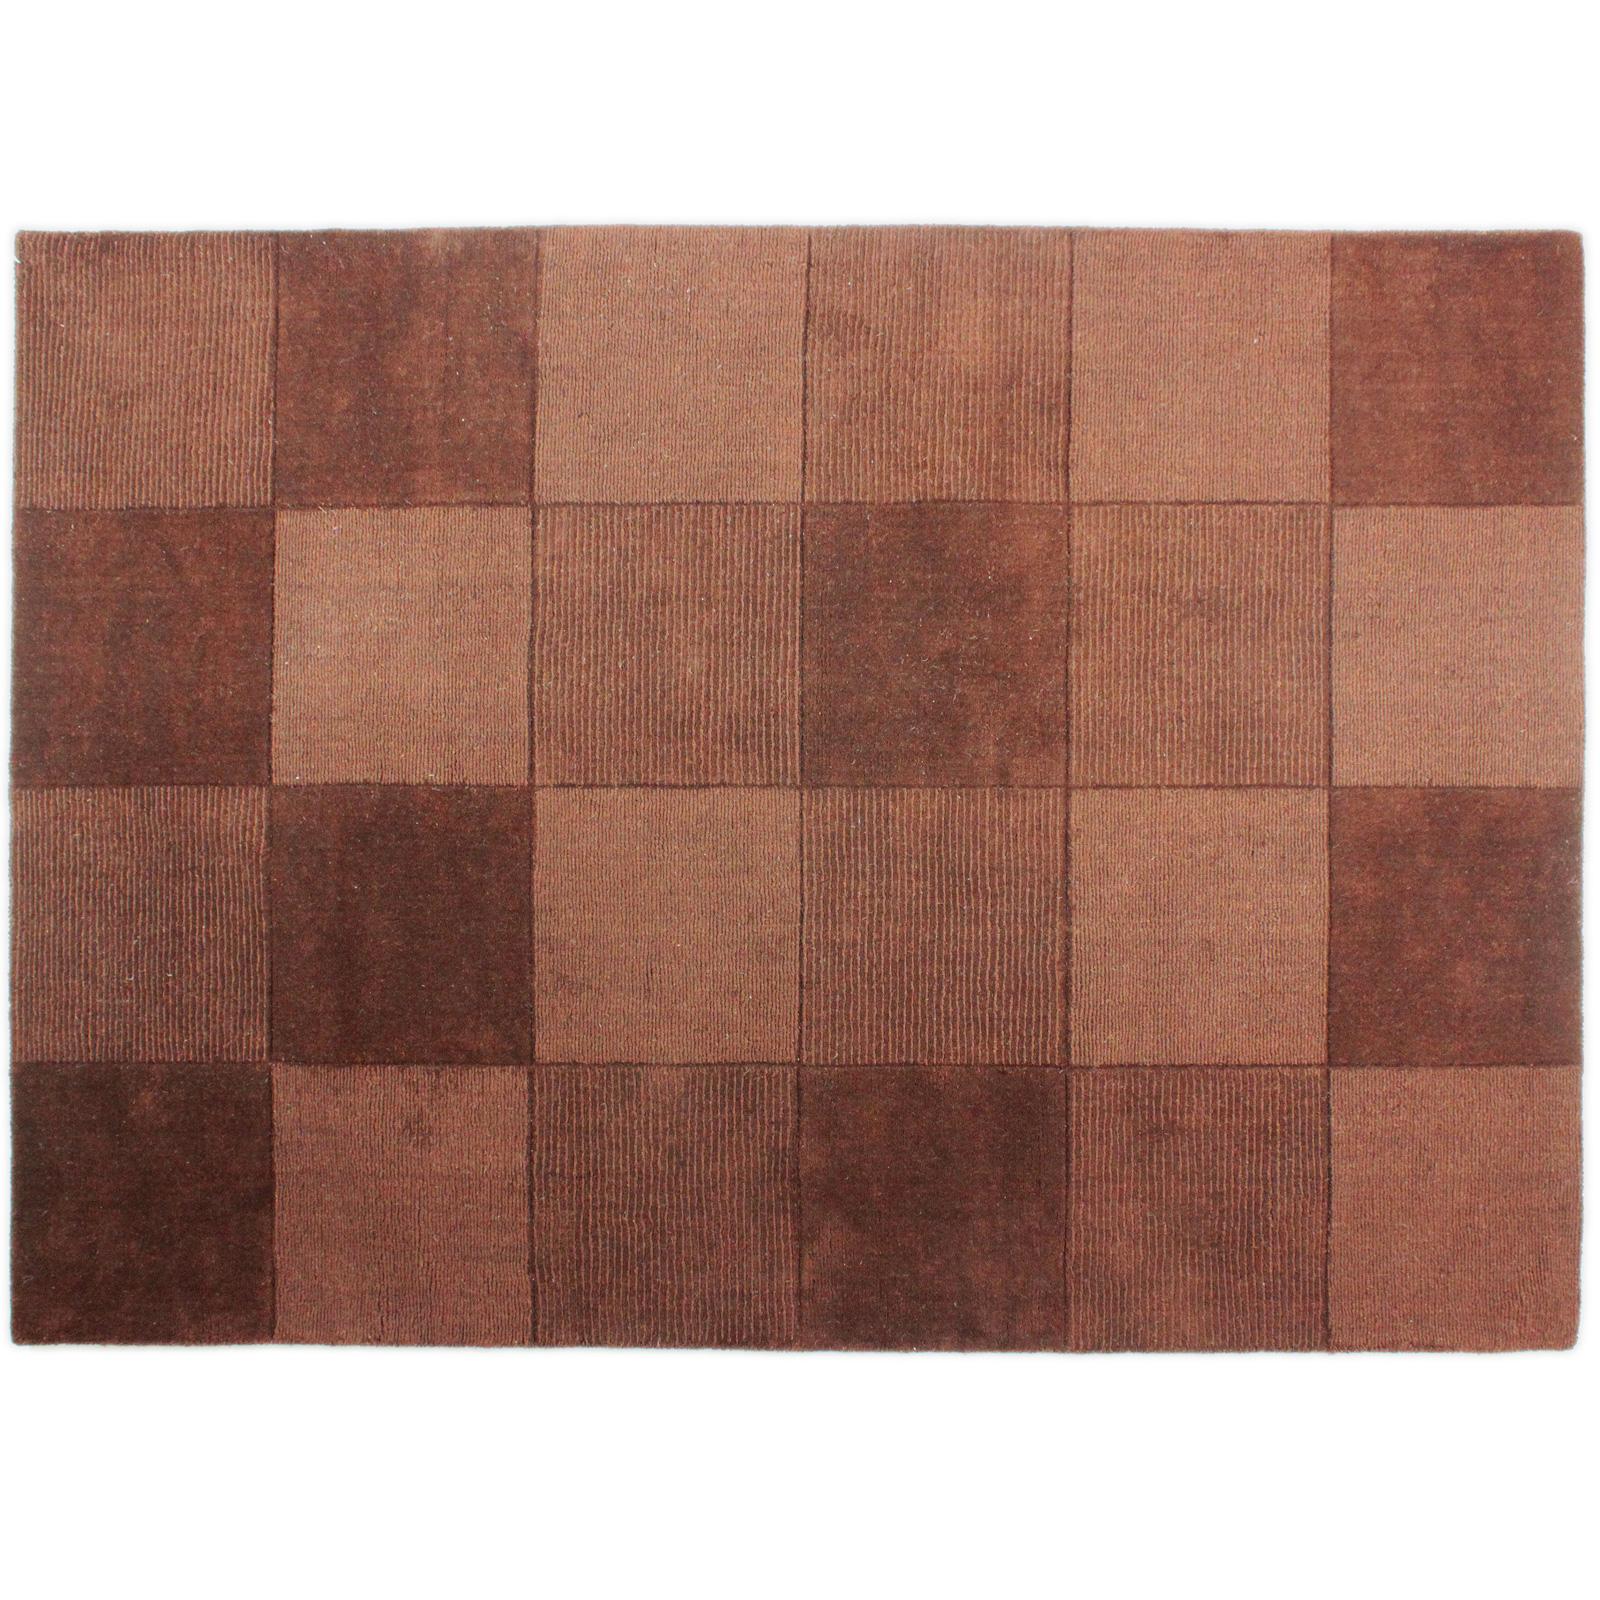 Simple & Contemporary Square Design Carpet Rug – 100% Wool ...